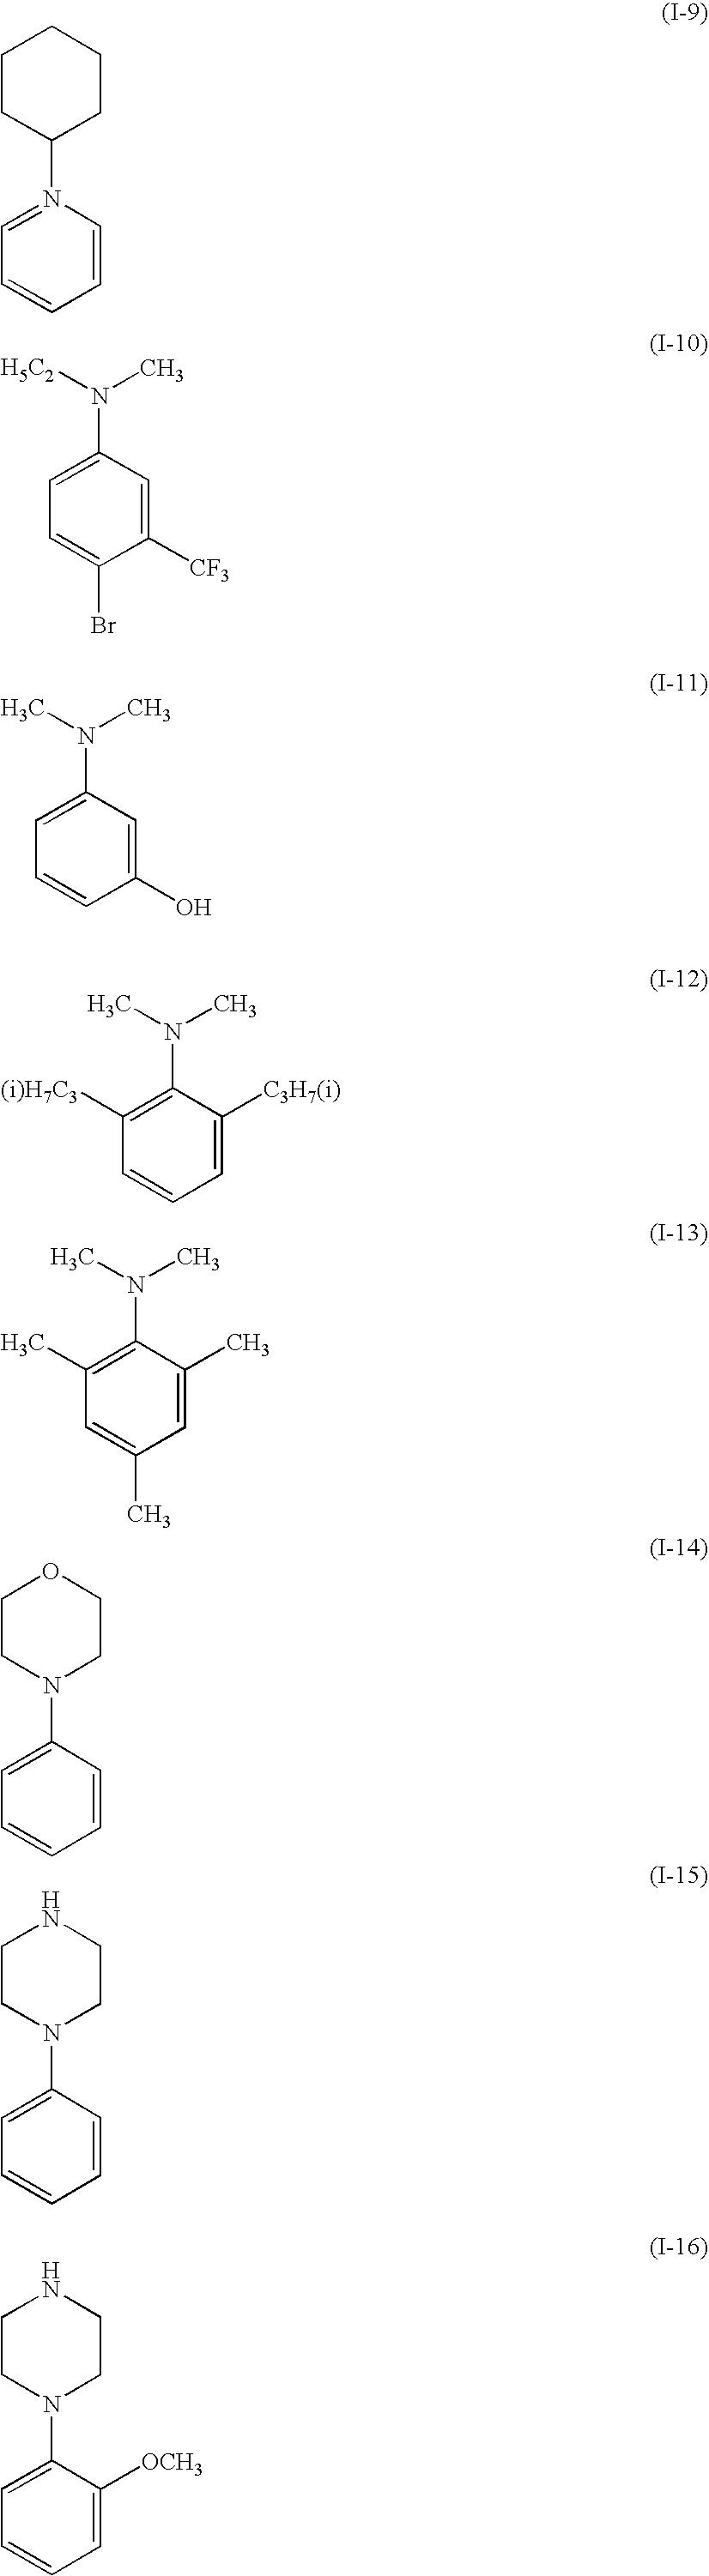 Figure US20060204732A1-20060914-C00006